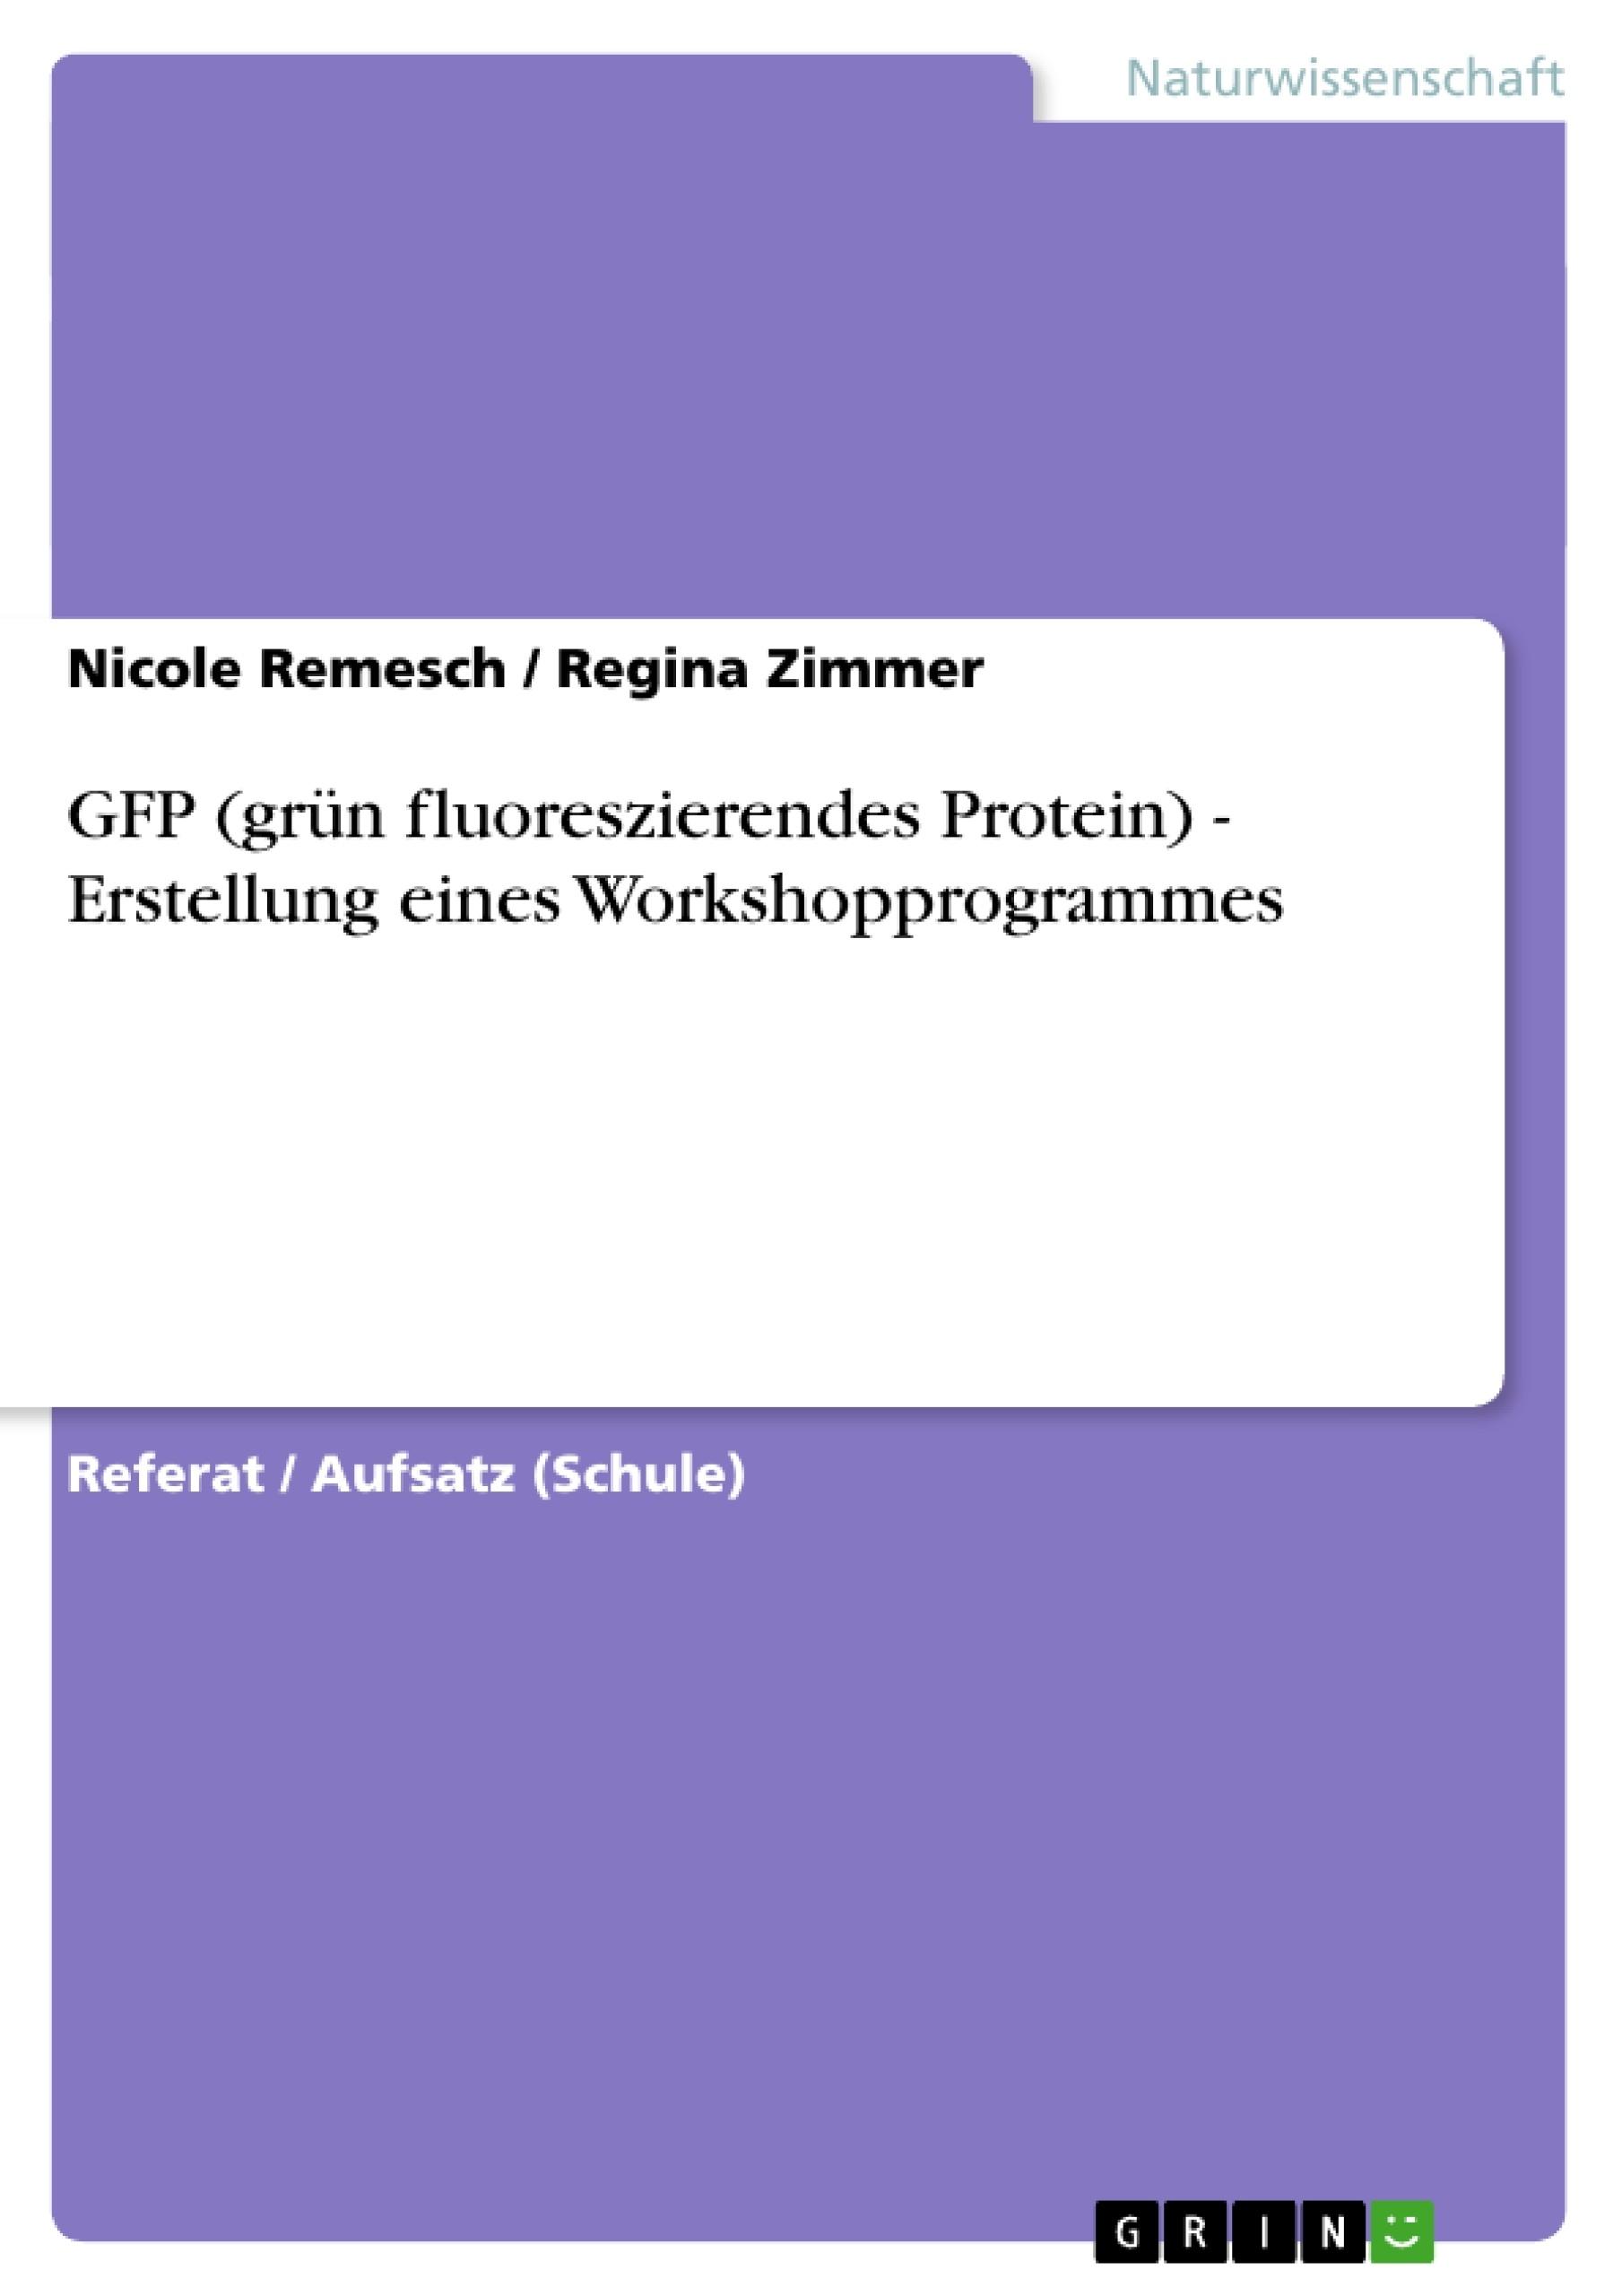 Titel: GFP (grün fluoreszierendes Protein) - Erstellung eines Workshopprogrammes